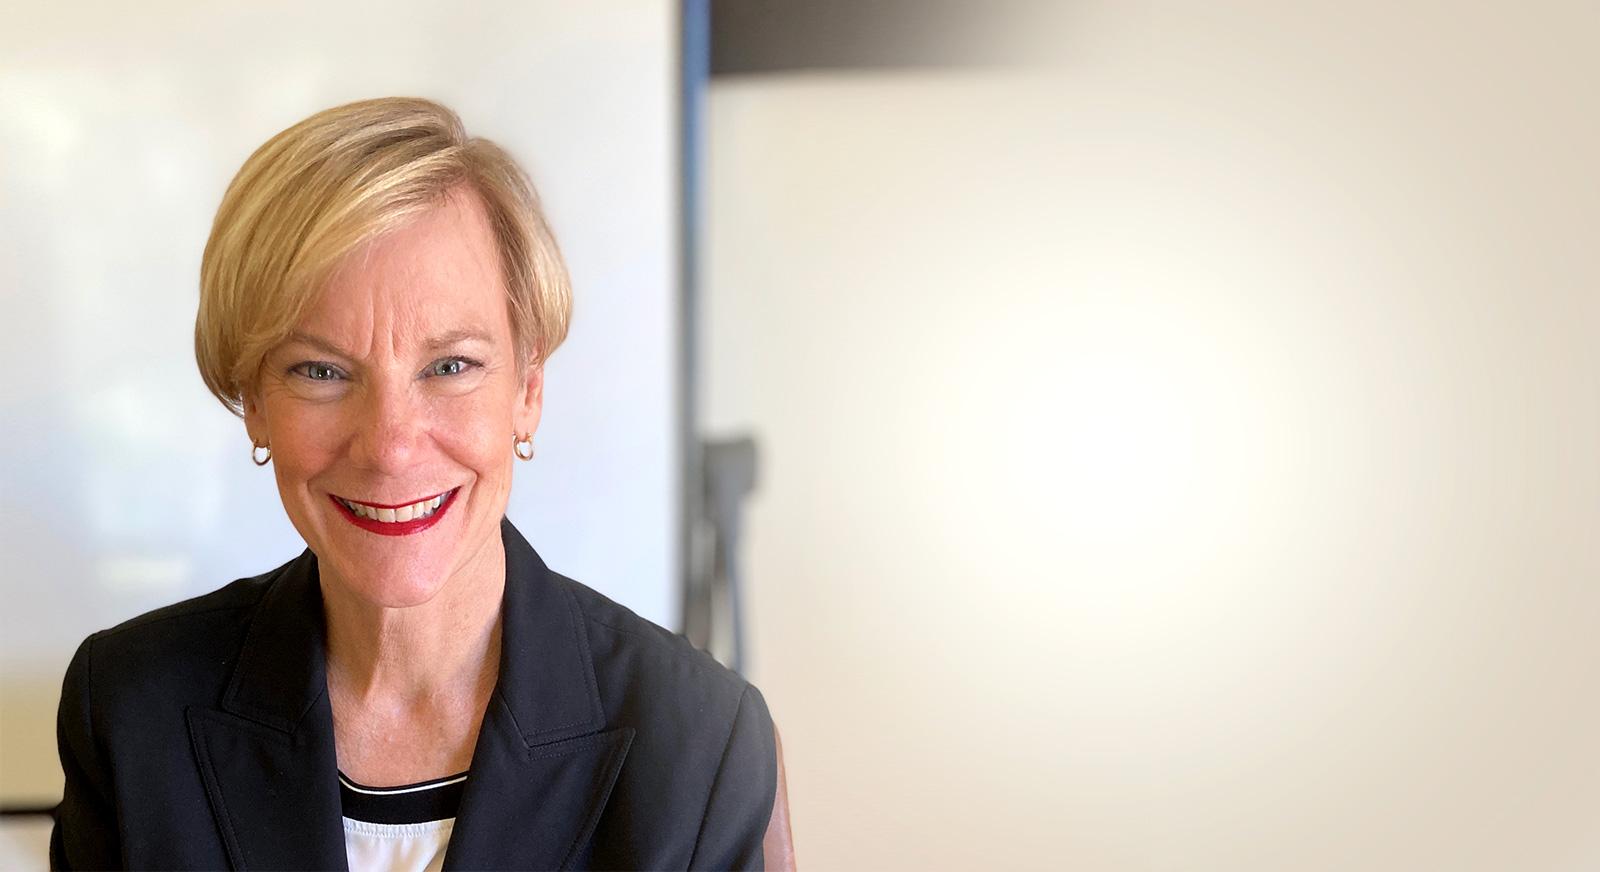 Jane Mudgett